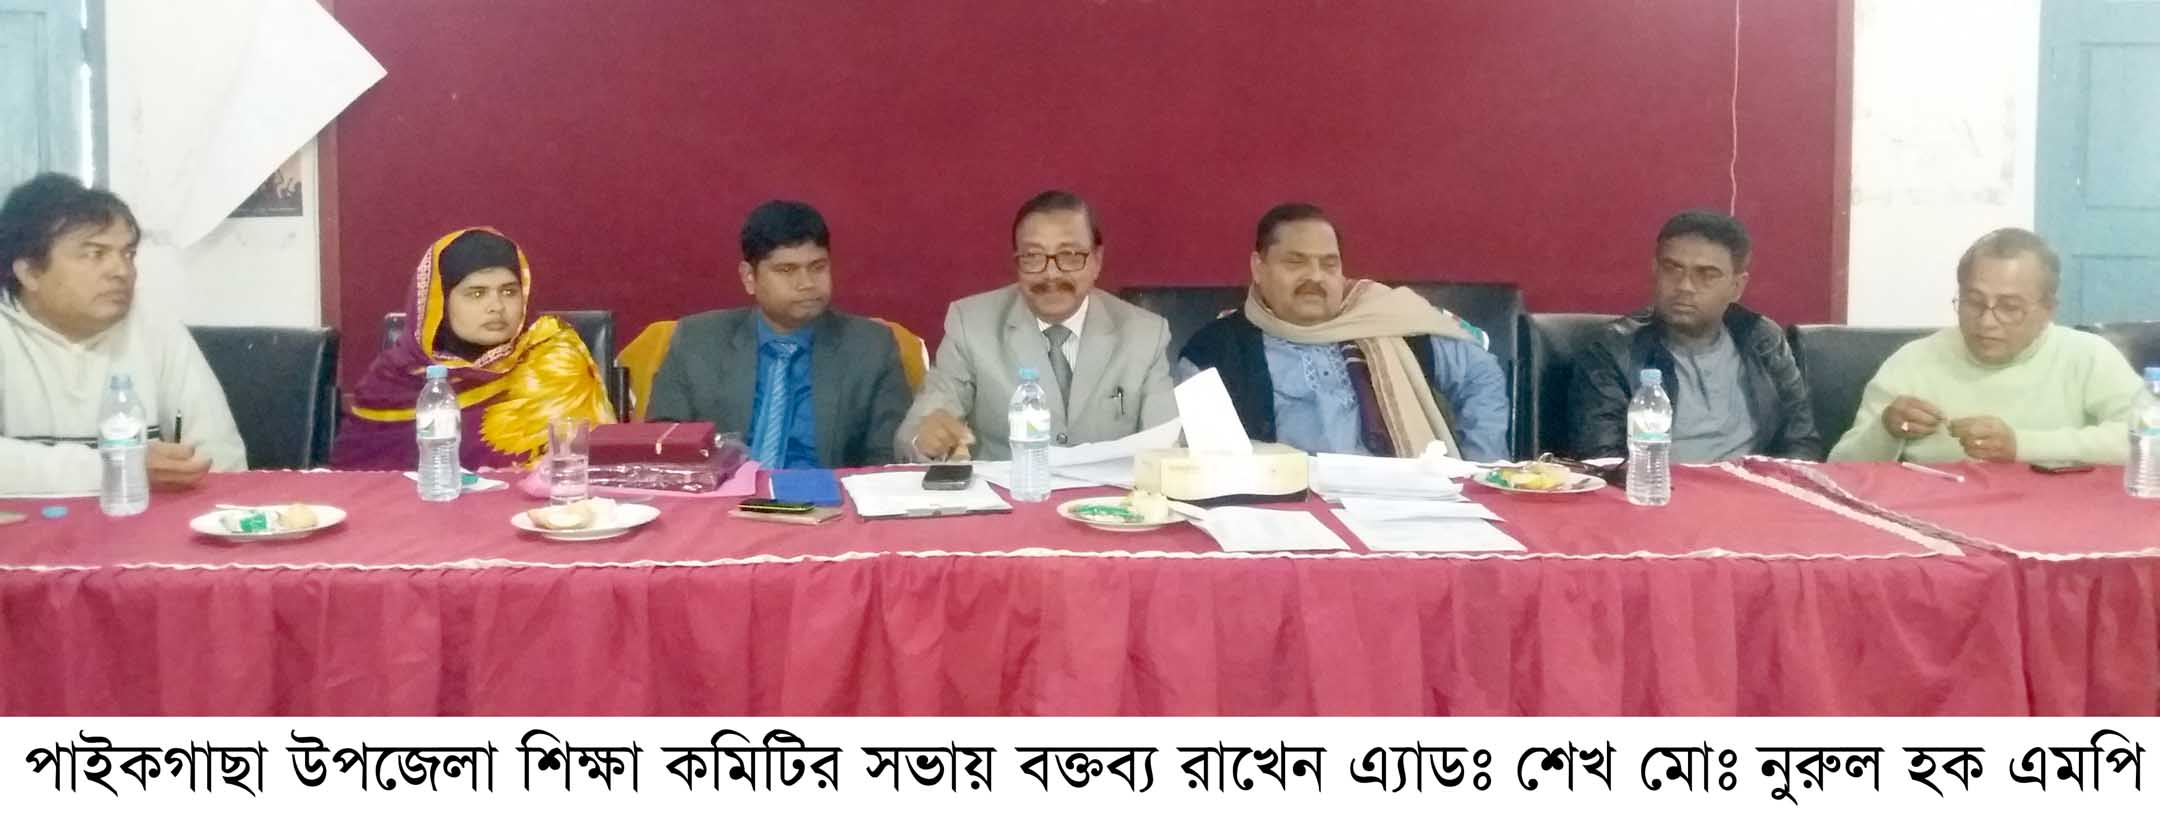 পাইকগাছা উপজেলা শিক্ষা কমিটির সভা